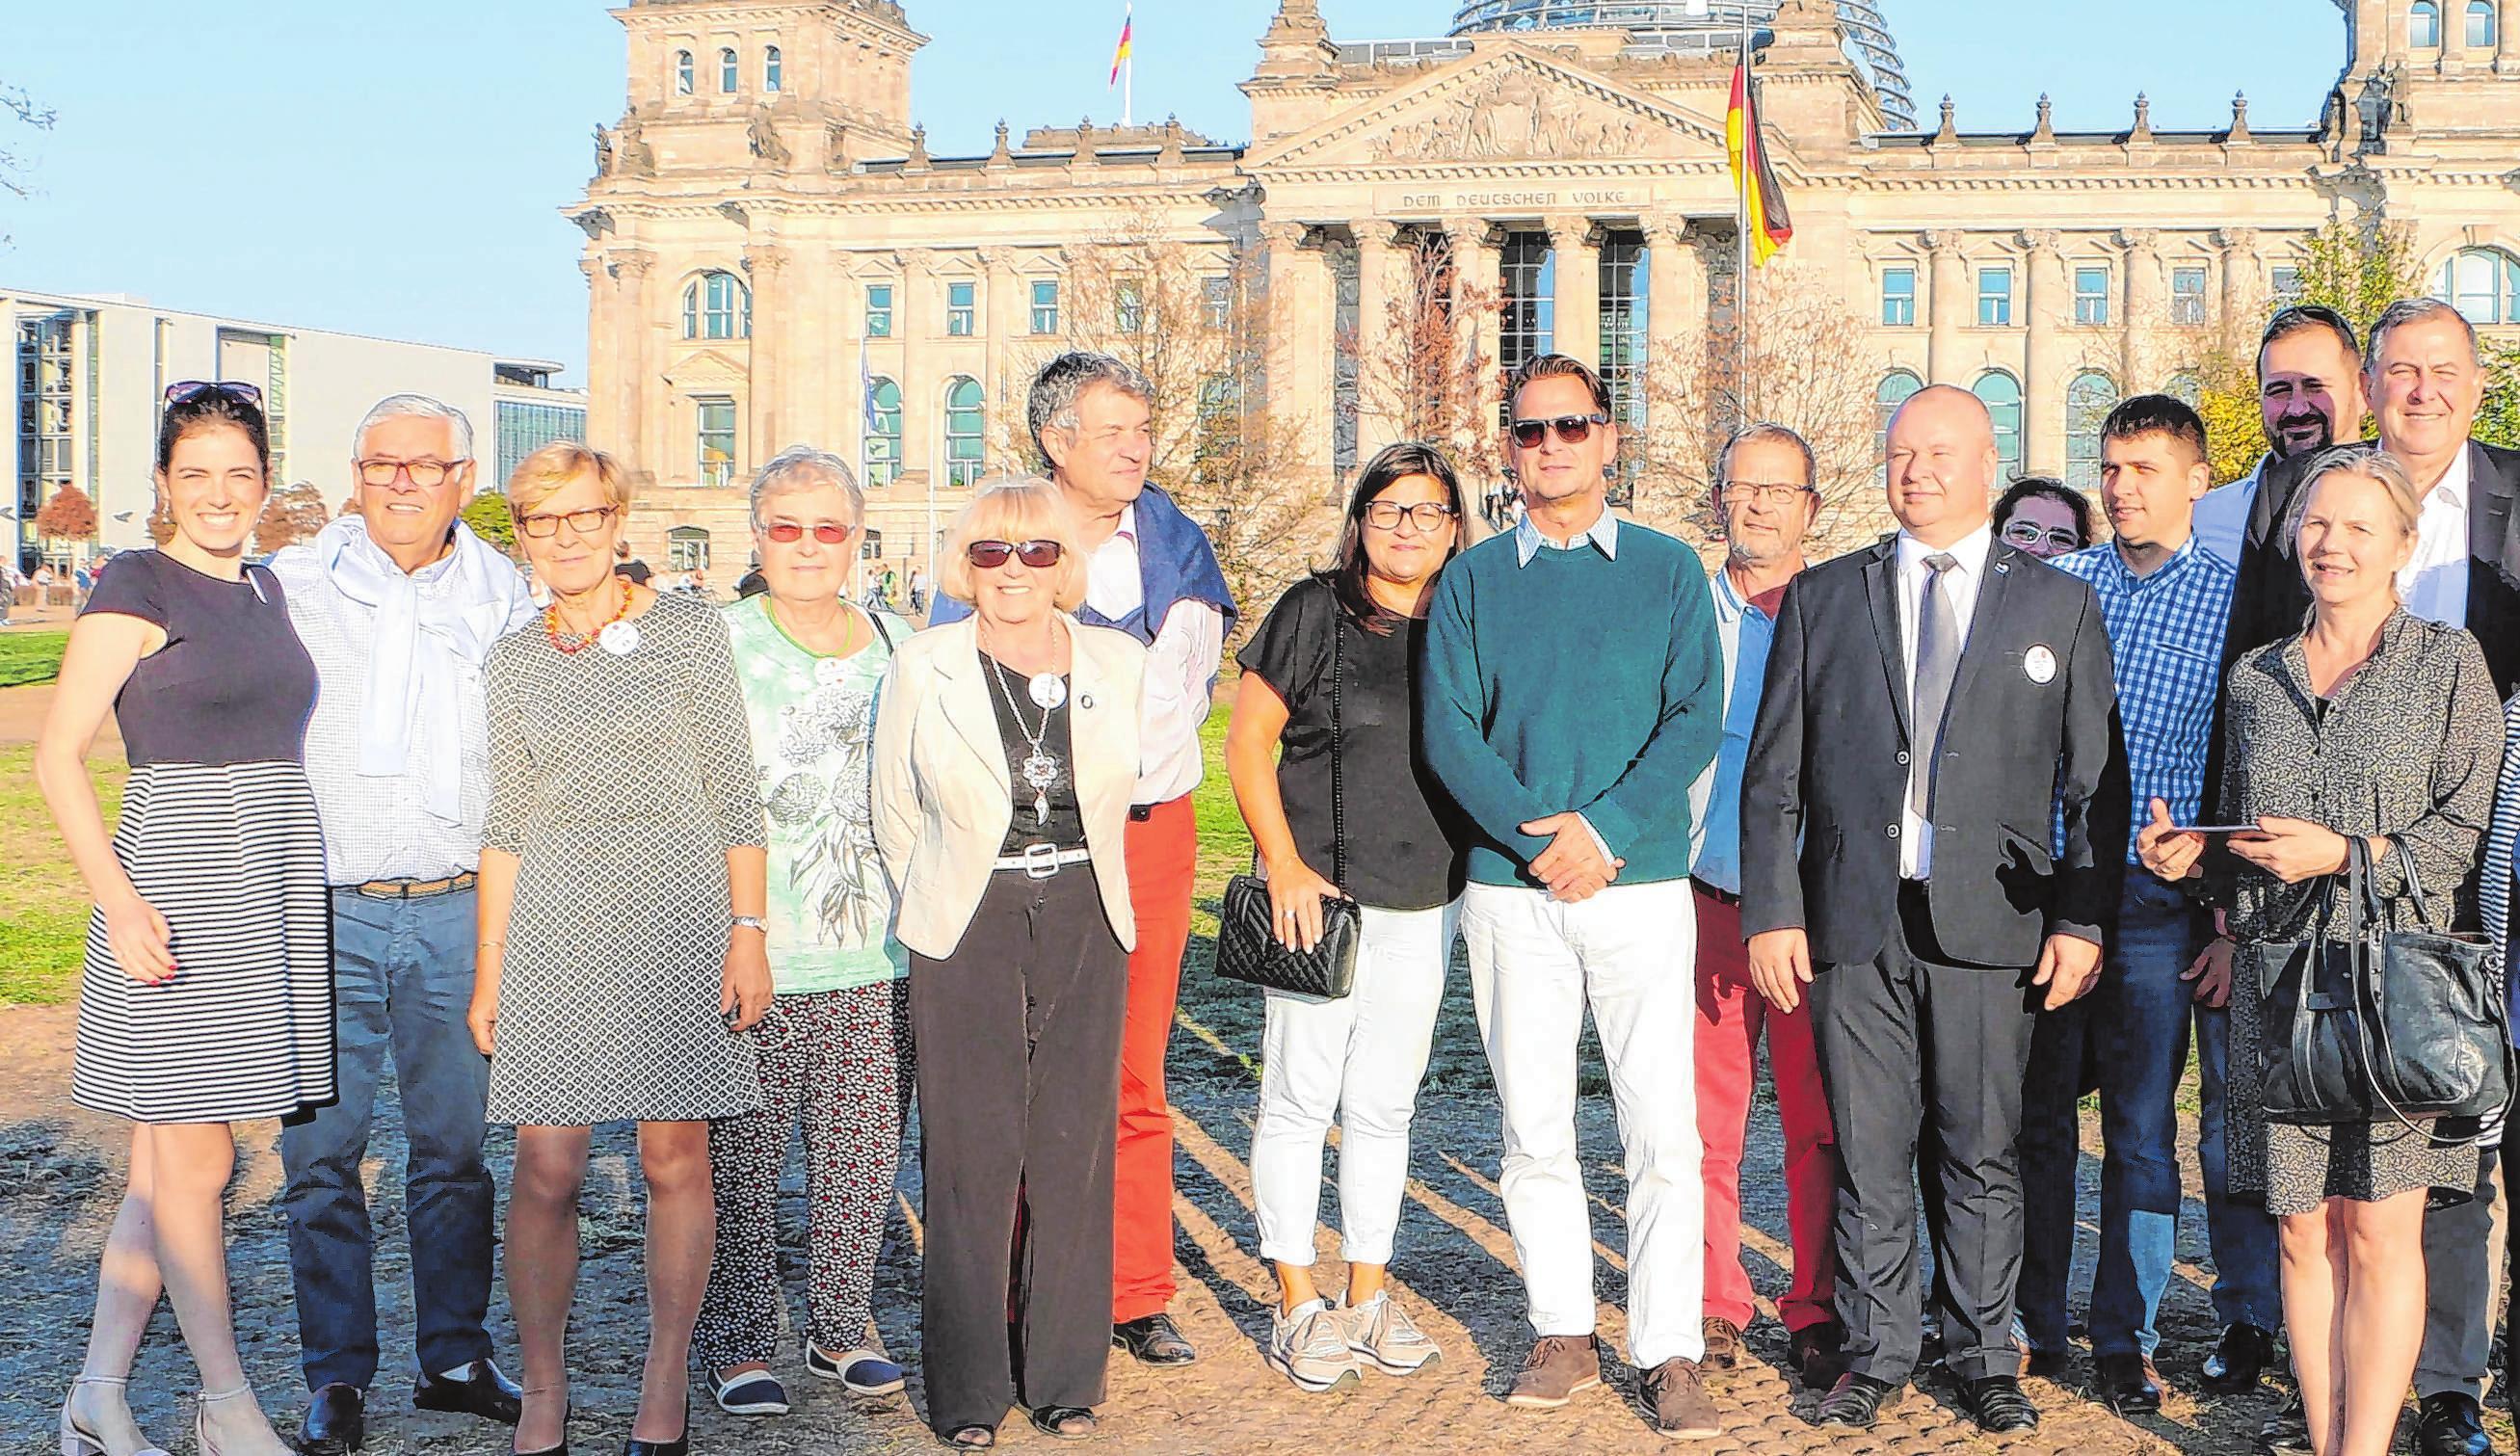 Lust, frische Ideen und Mitstreiter sucht das Komitee für die AGs Janow Podlaski, Fürstenau, Müllheim und Bergerac.